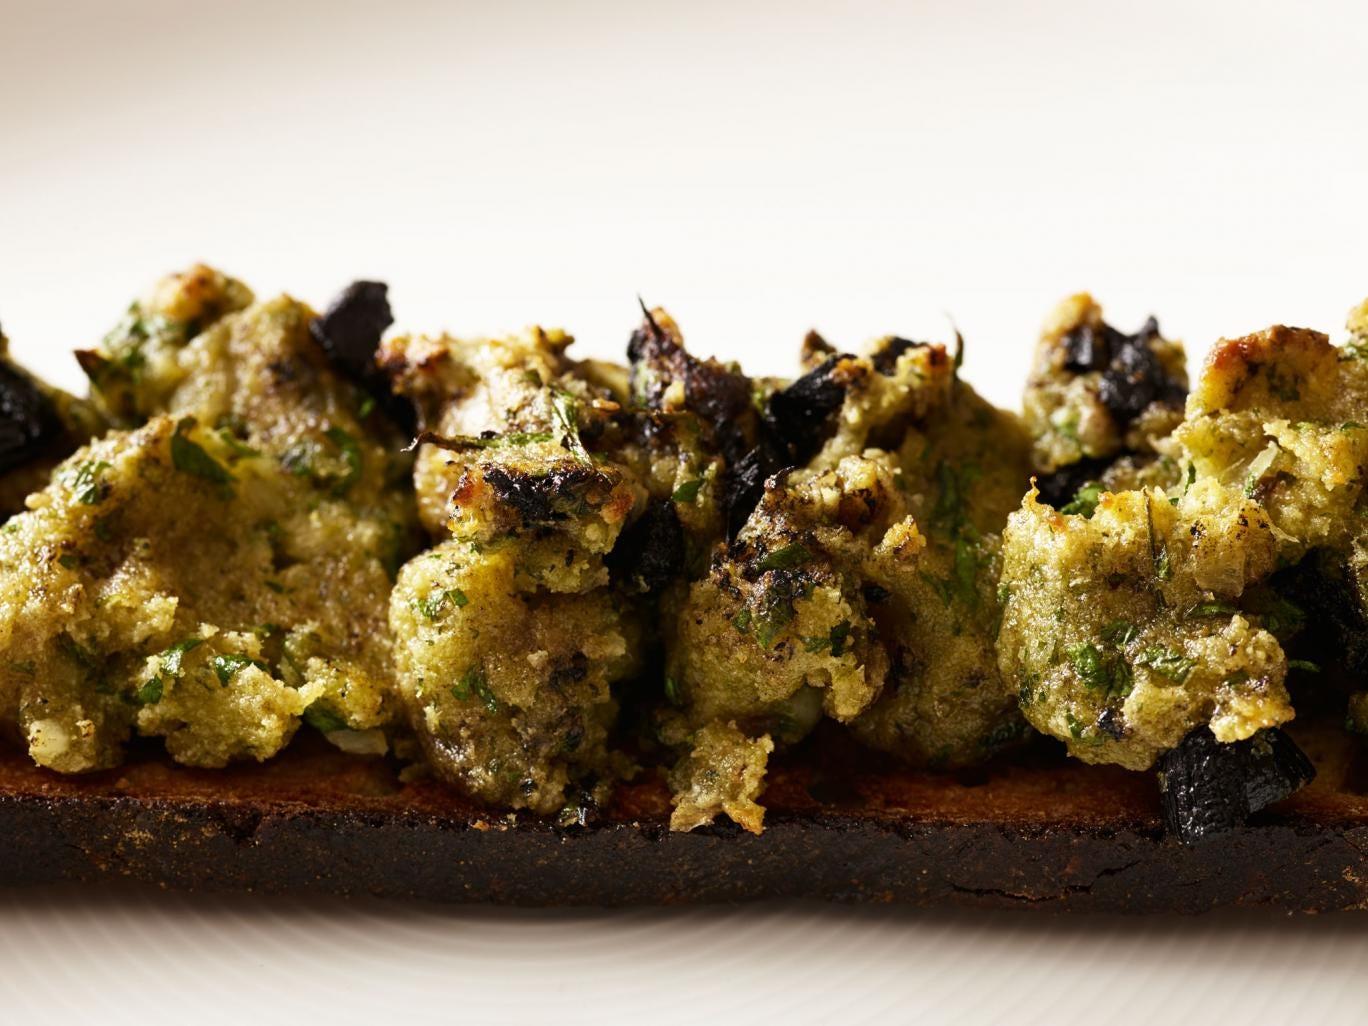 Inspired by Korea: Black garlic and bone marrow toasts